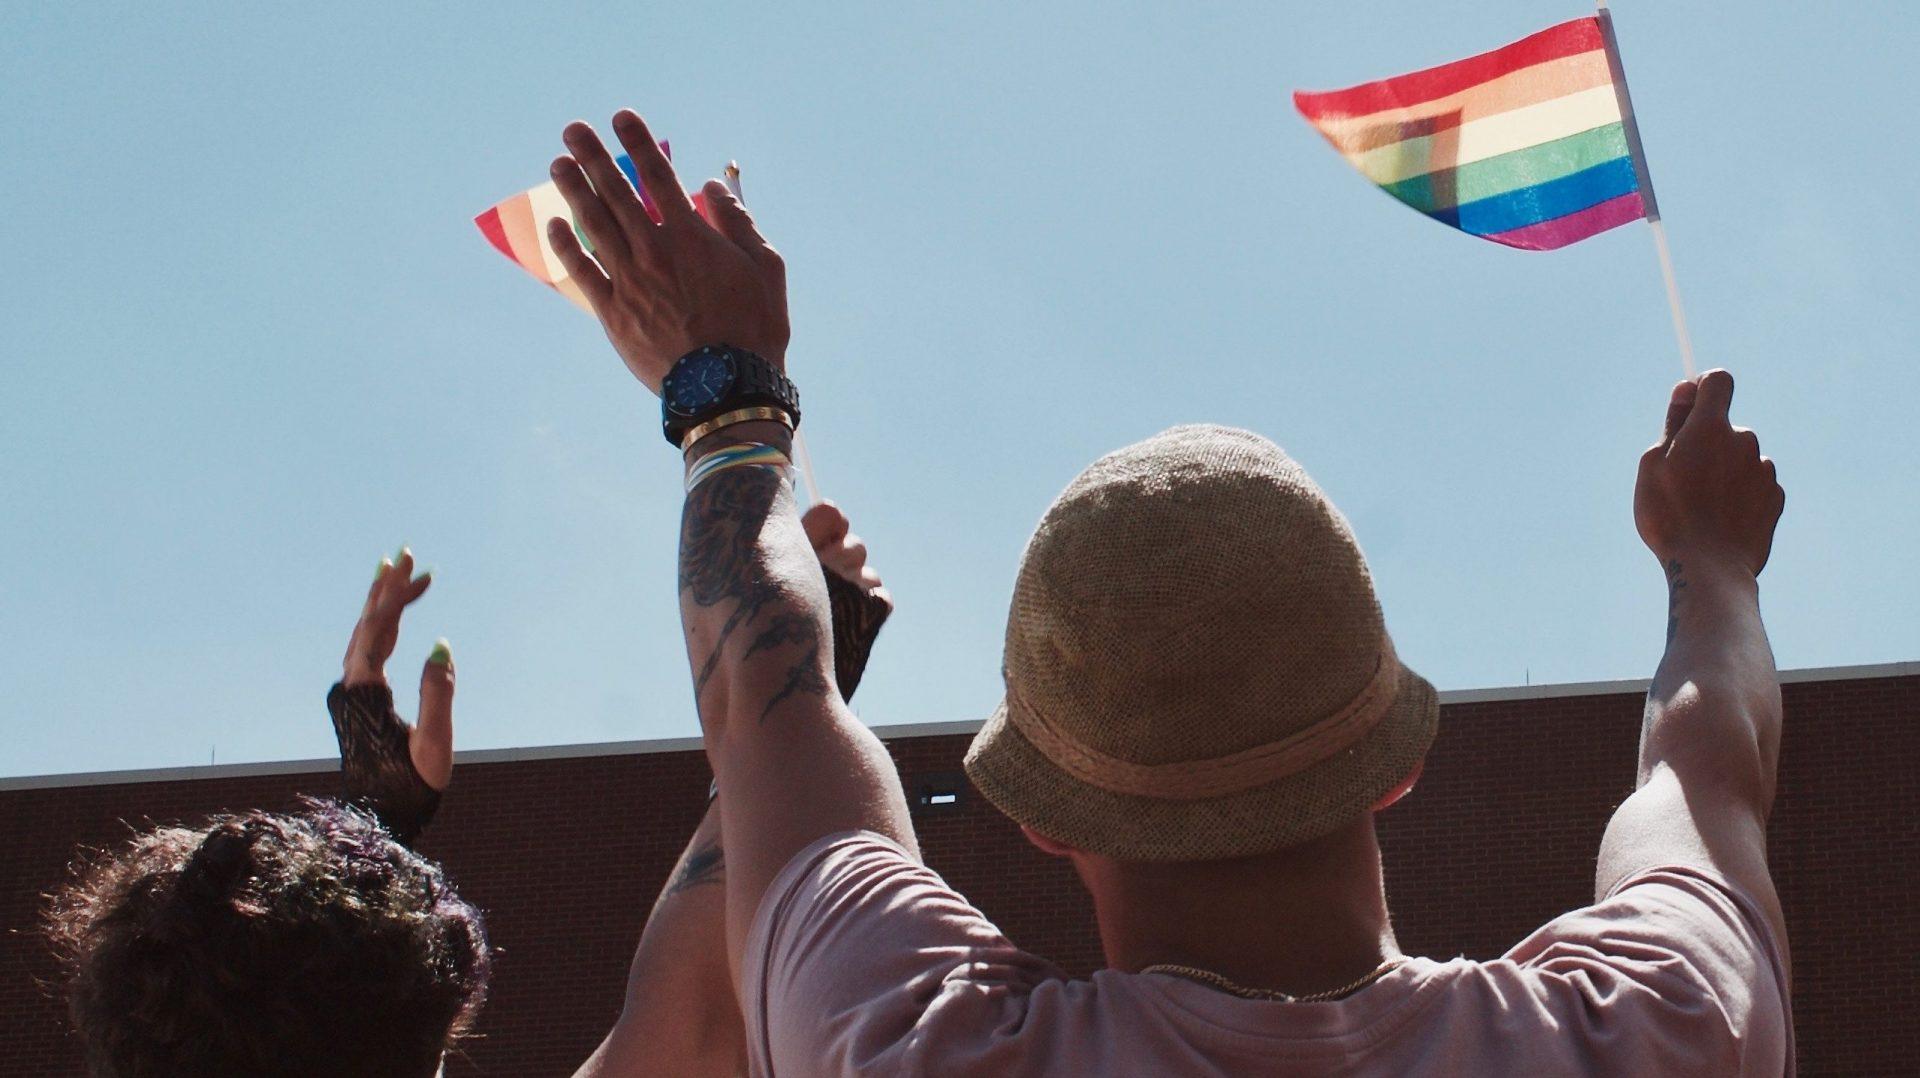 Tel Aviv Gay Pride Events 2019